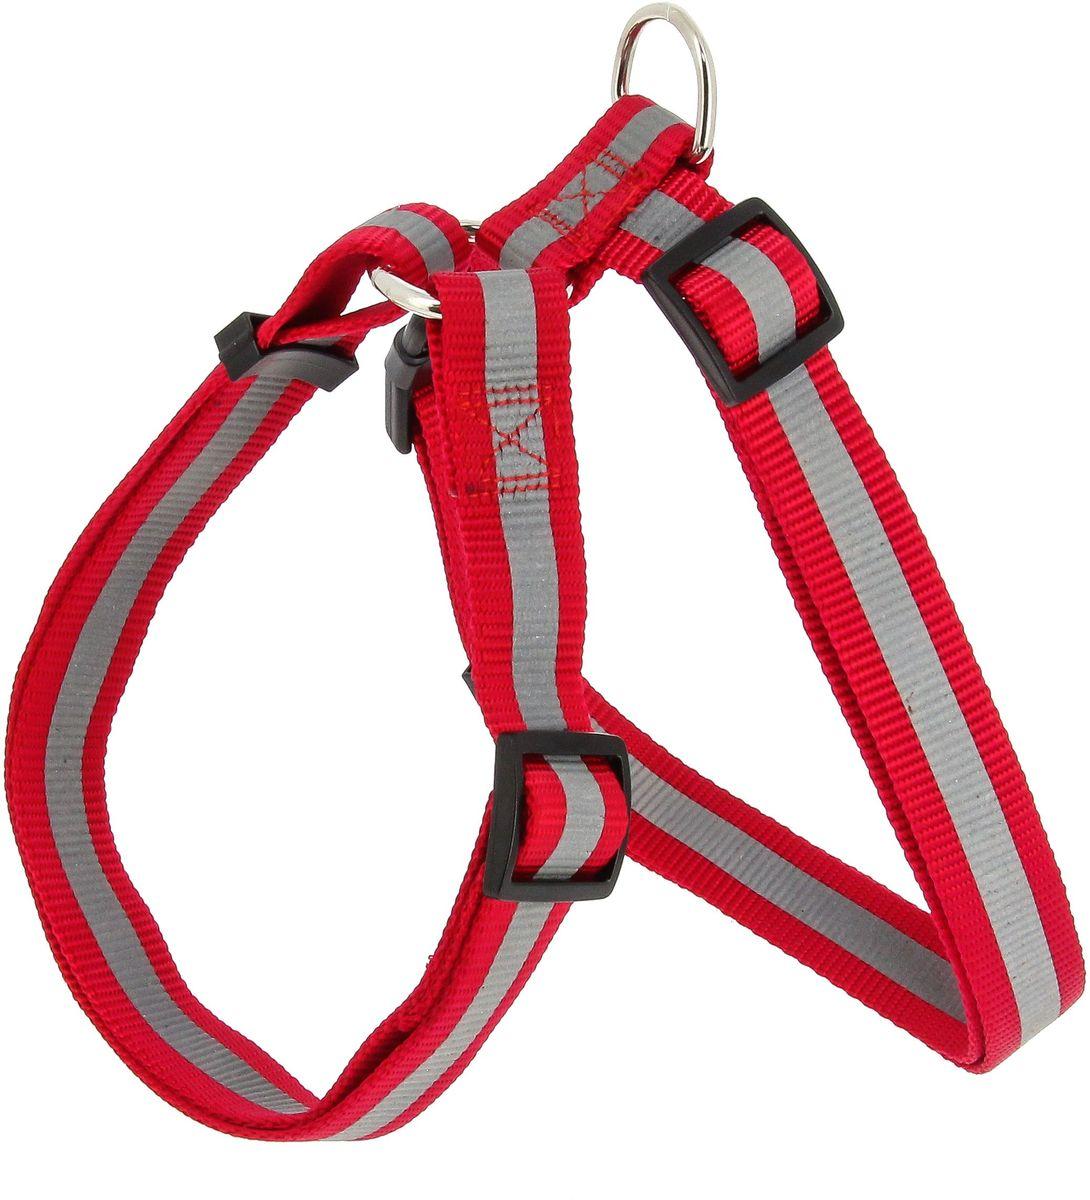 Шлейка для собак Каскад, со светоотражателем, цвет: красный, ширина 15 мм, длина 25-40 см01215013-02